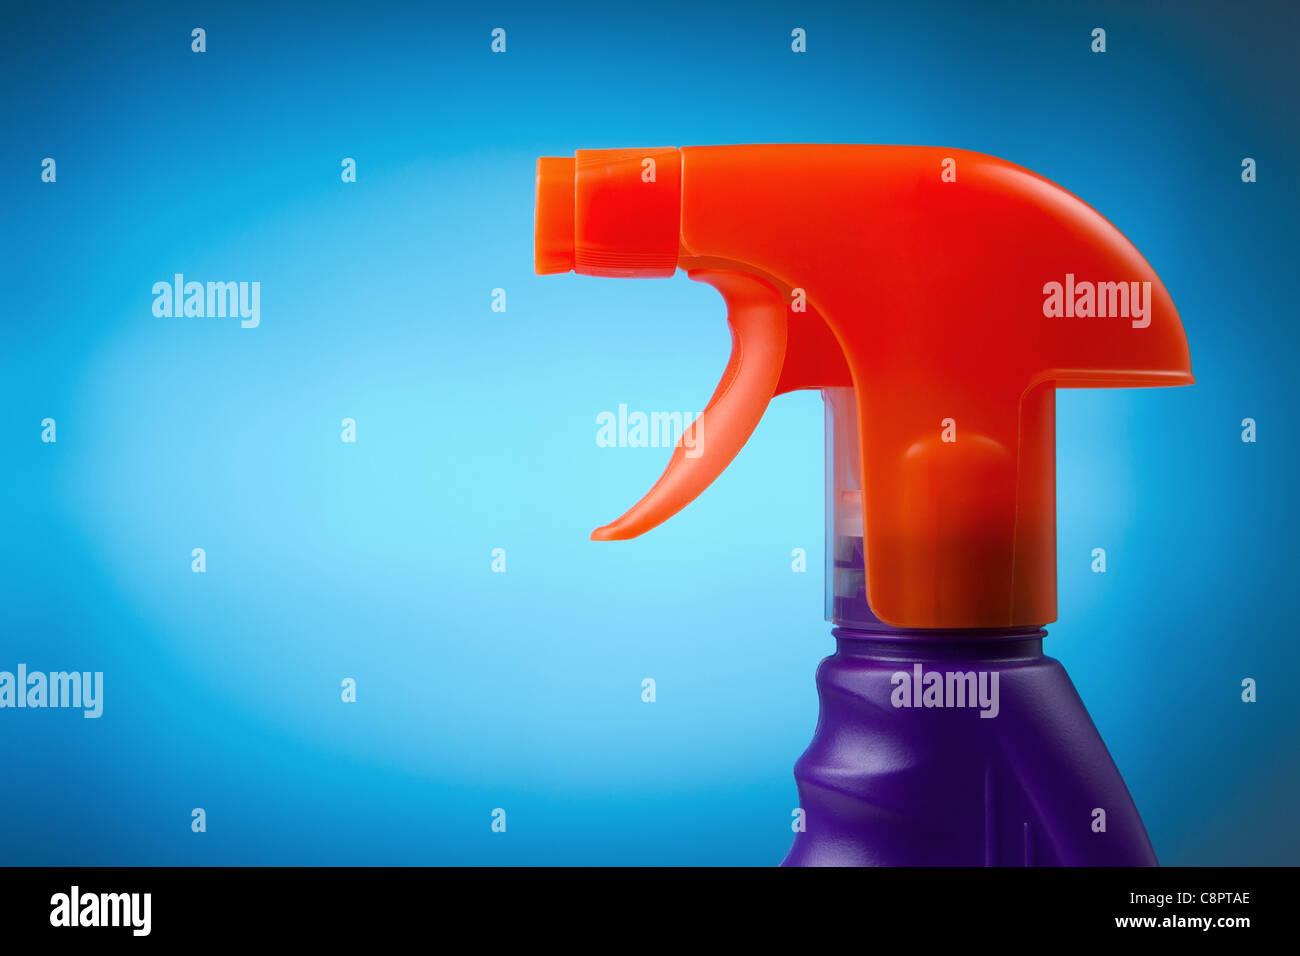 Detergente Imagen De Stock